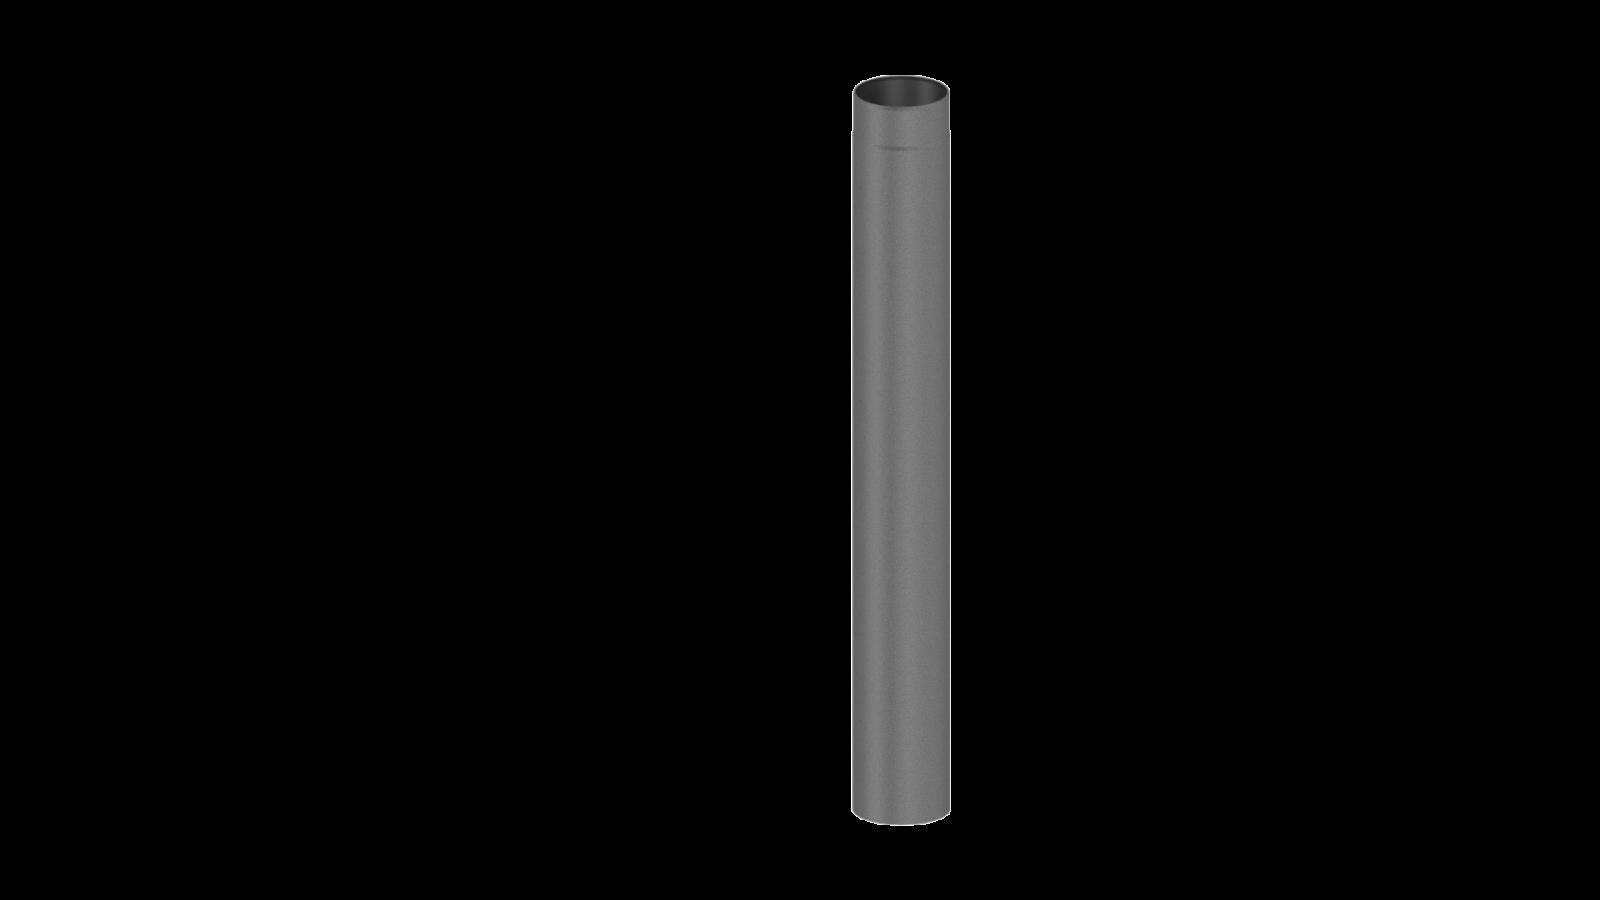 el ment droit 1000mm gris conduit po le bois double paroi tec fr isoline chemineeo. Black Bedroom Furniture Sets. Home Design Ideas